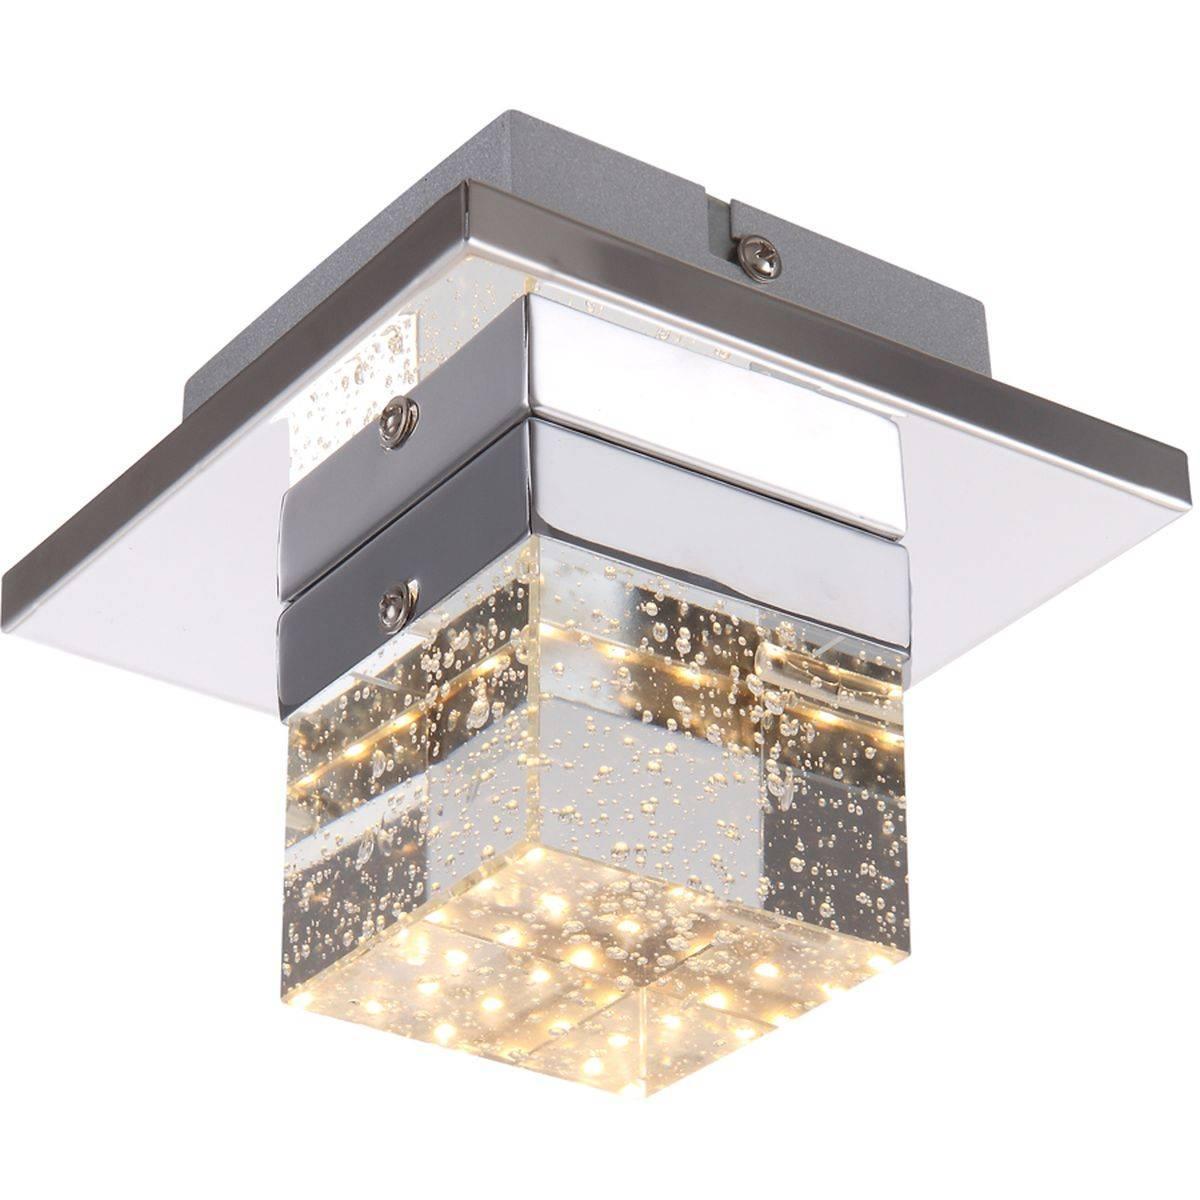 Потолочный светодиодный светильник Globo Macan 42505-1 потолочный светодиодный светильник globo wave 67823w